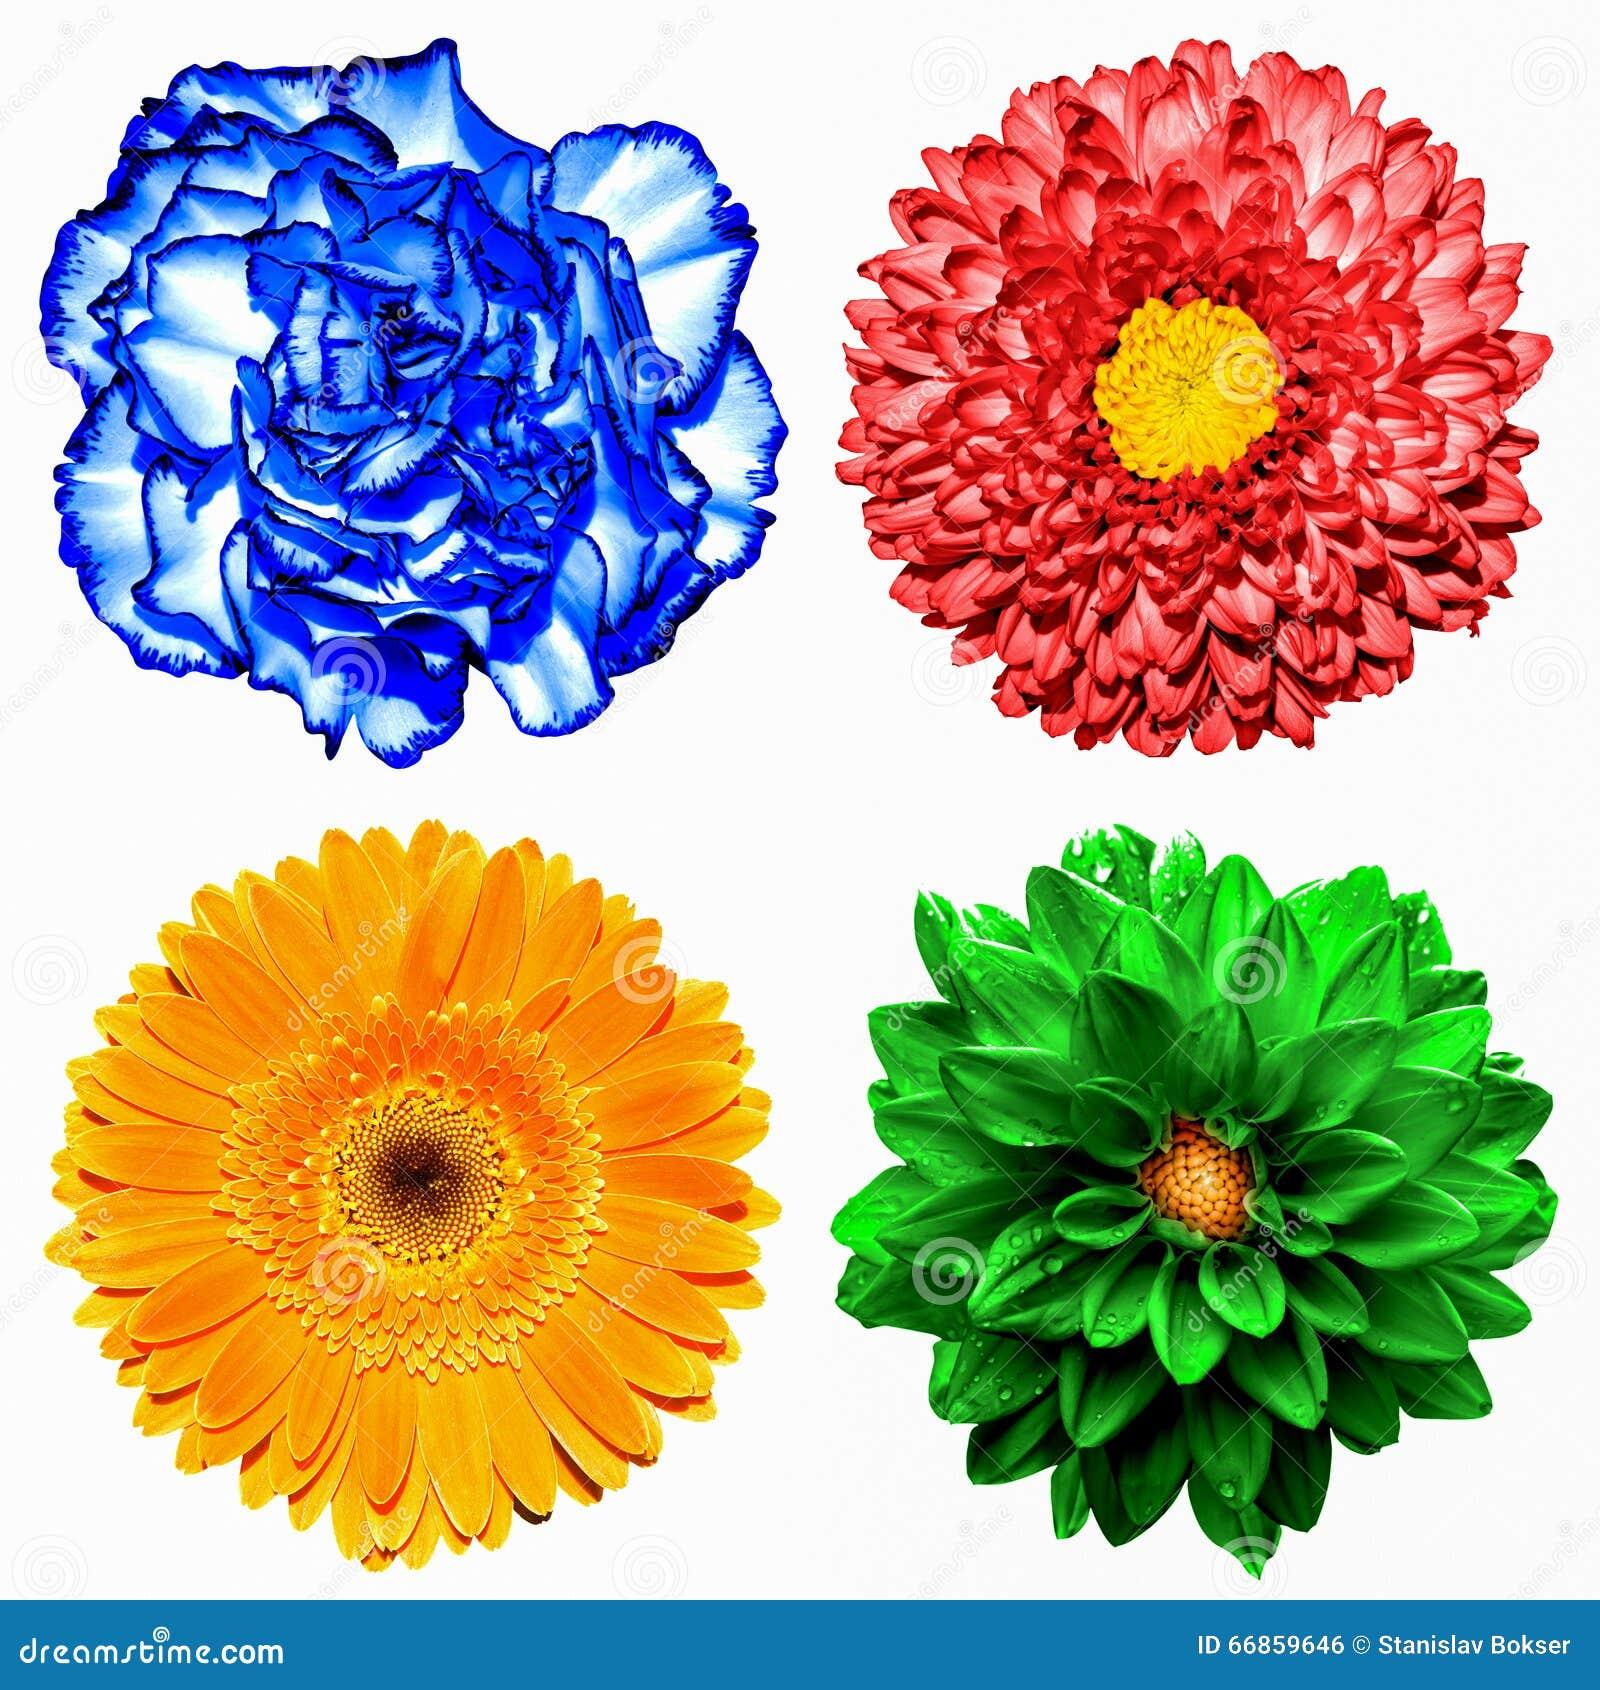 De reeks van 4 in 1 bloeit: rode chrysant, oranje gerbera, blauwe kruidnagel en rode geïsoleerde chrysantenbloem